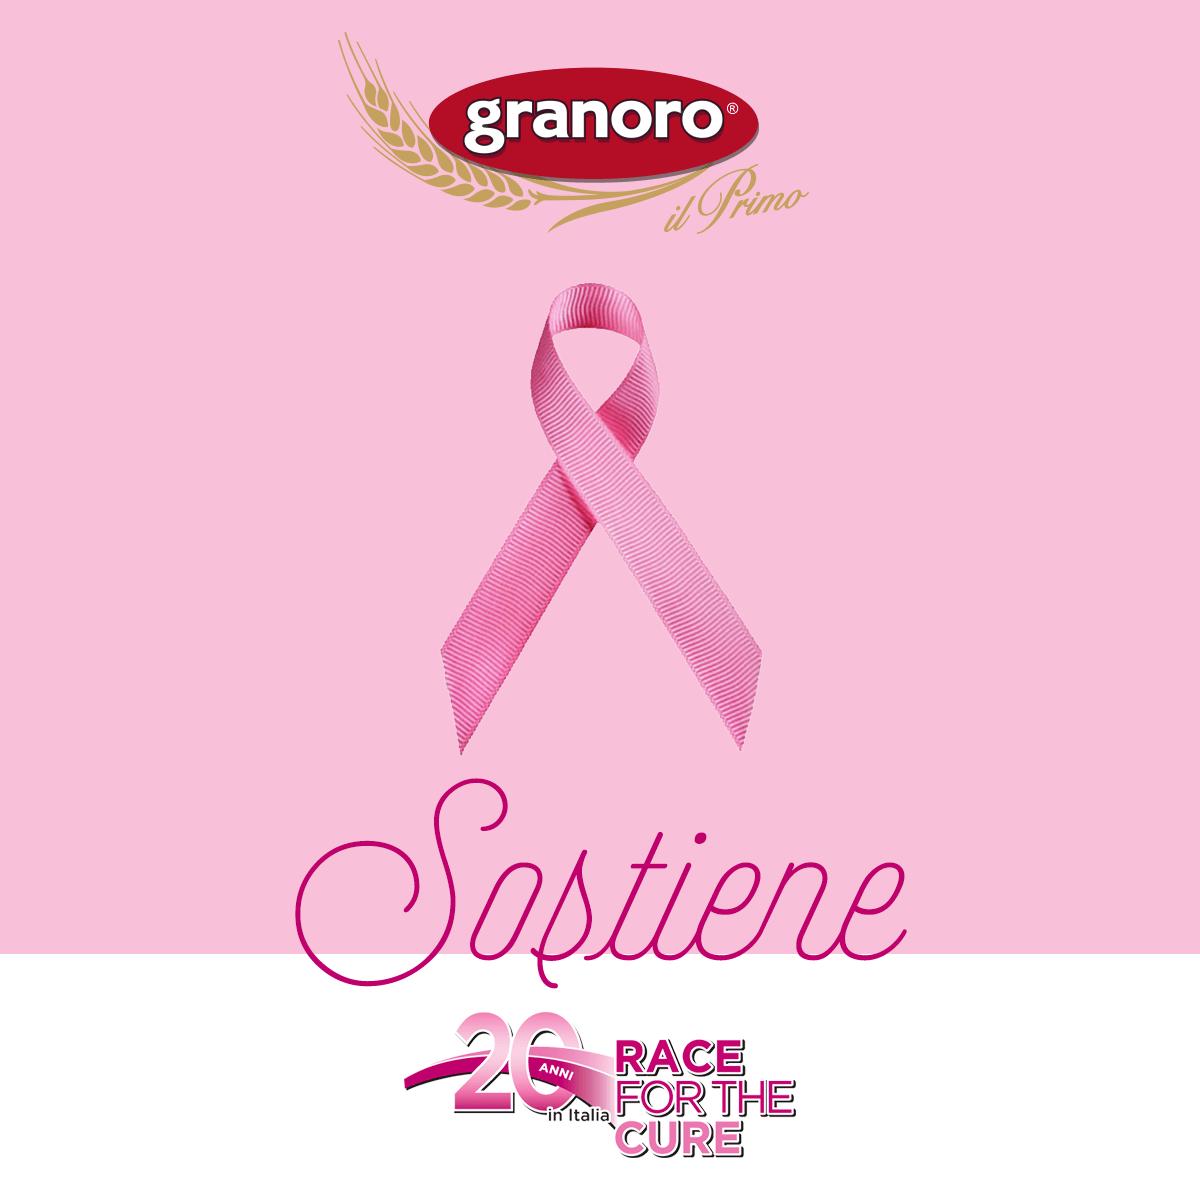 Granoro sostiene Race for the Cure